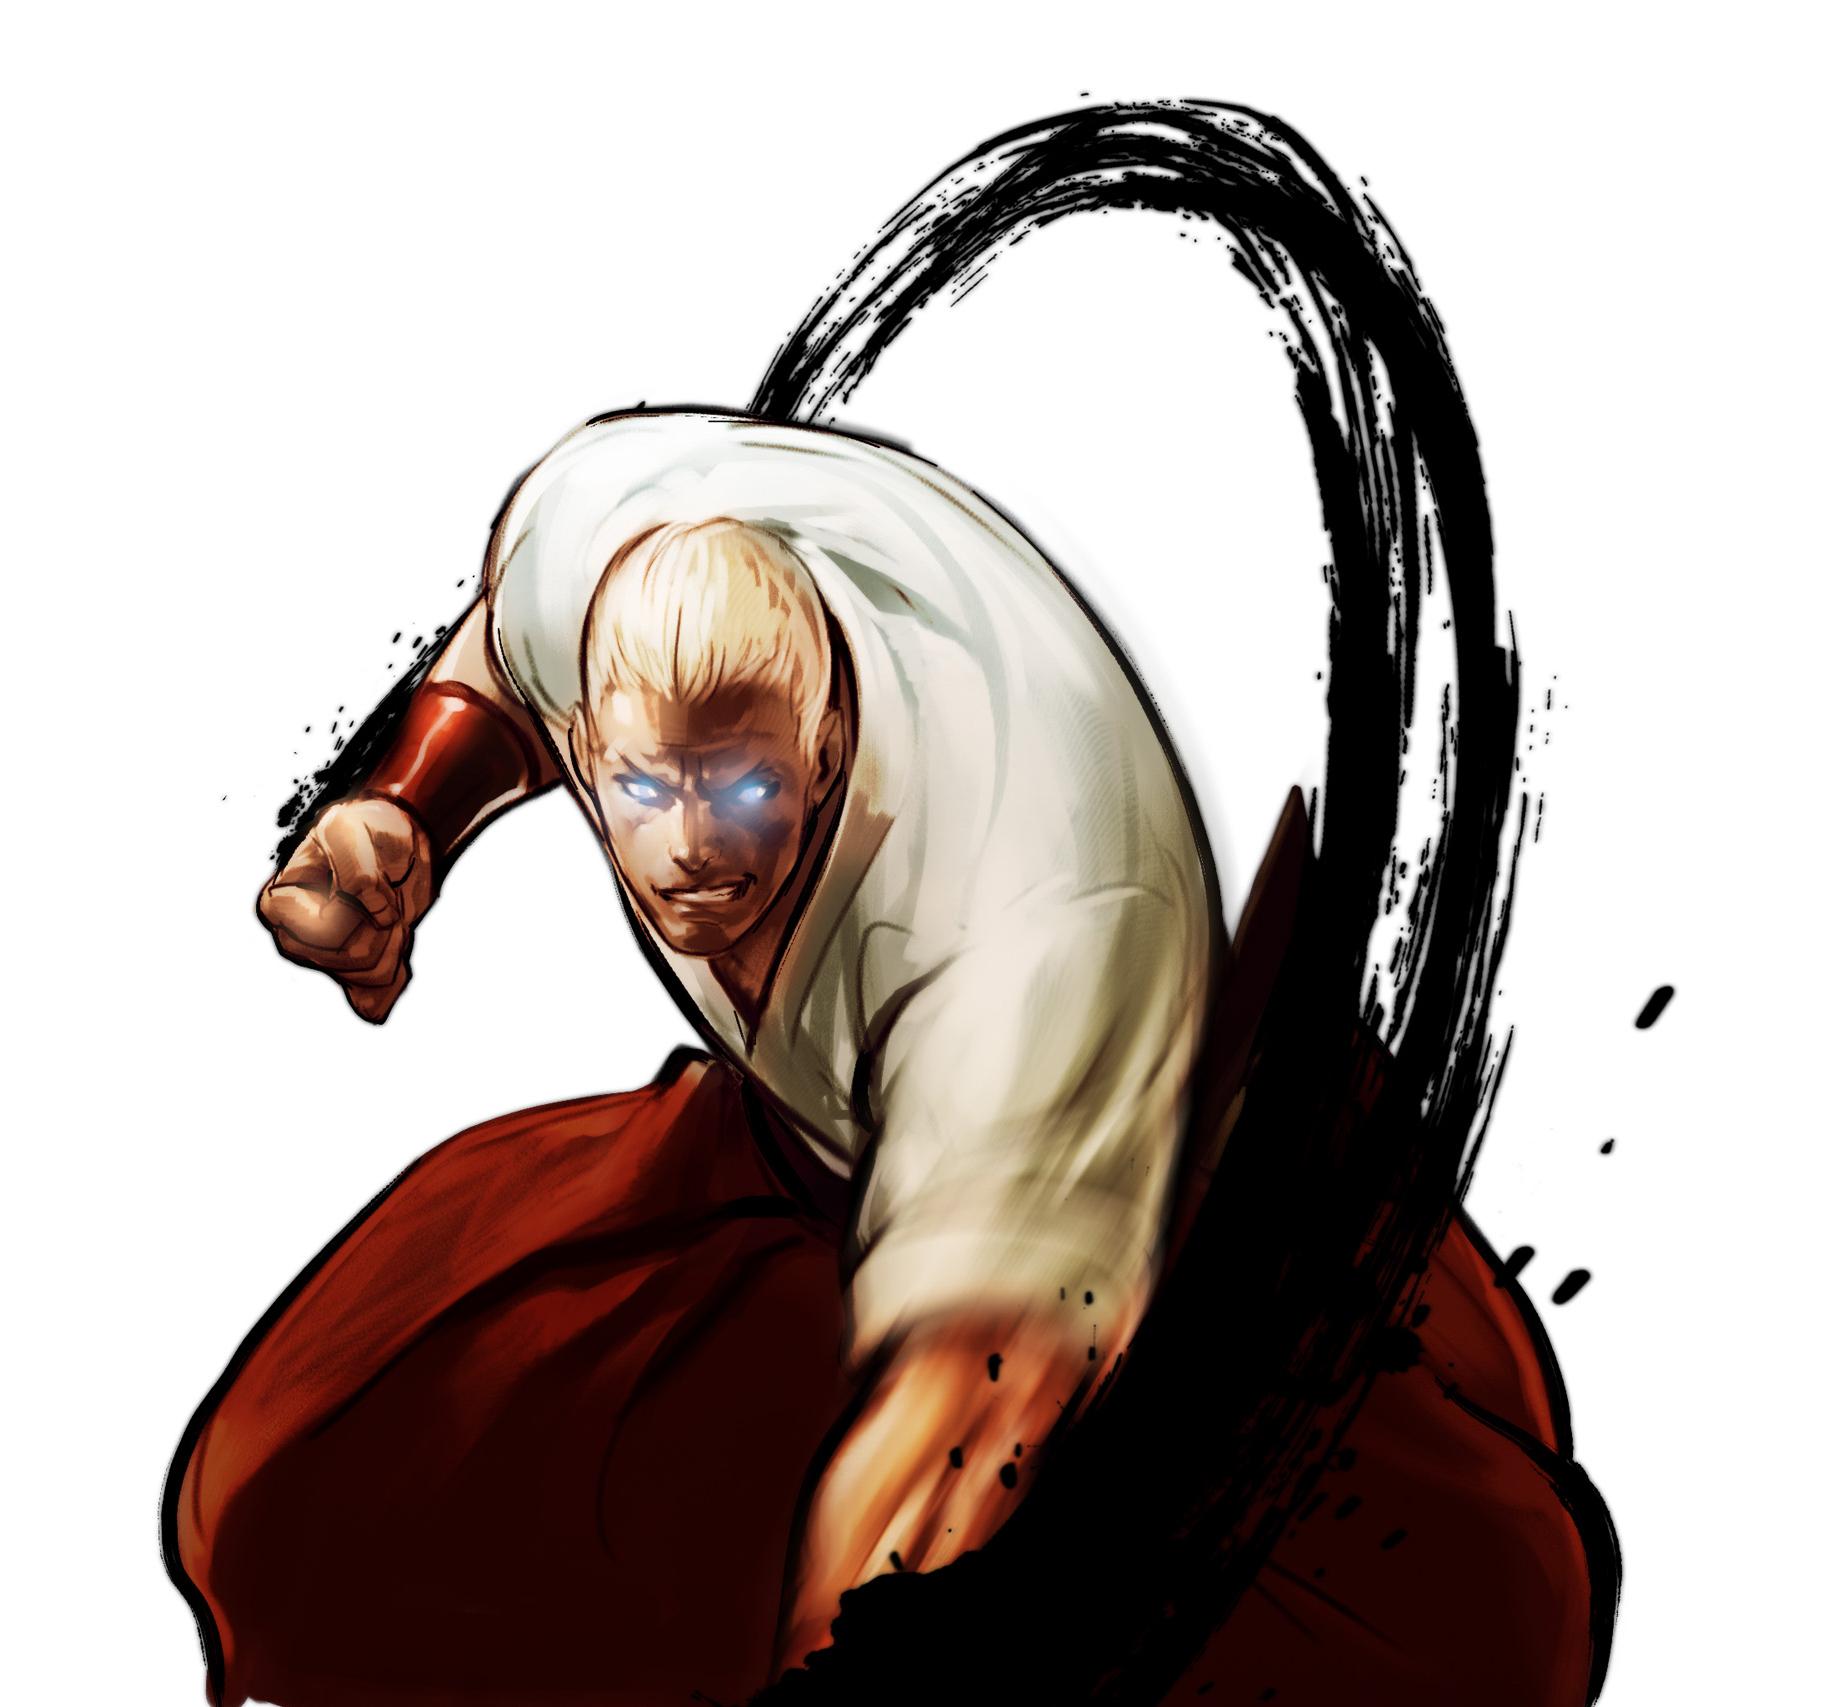 Geese Howard Fatal Fury Tekken 7 555 drawings on pixiv, japan. geese howard fatal fury tekken 7